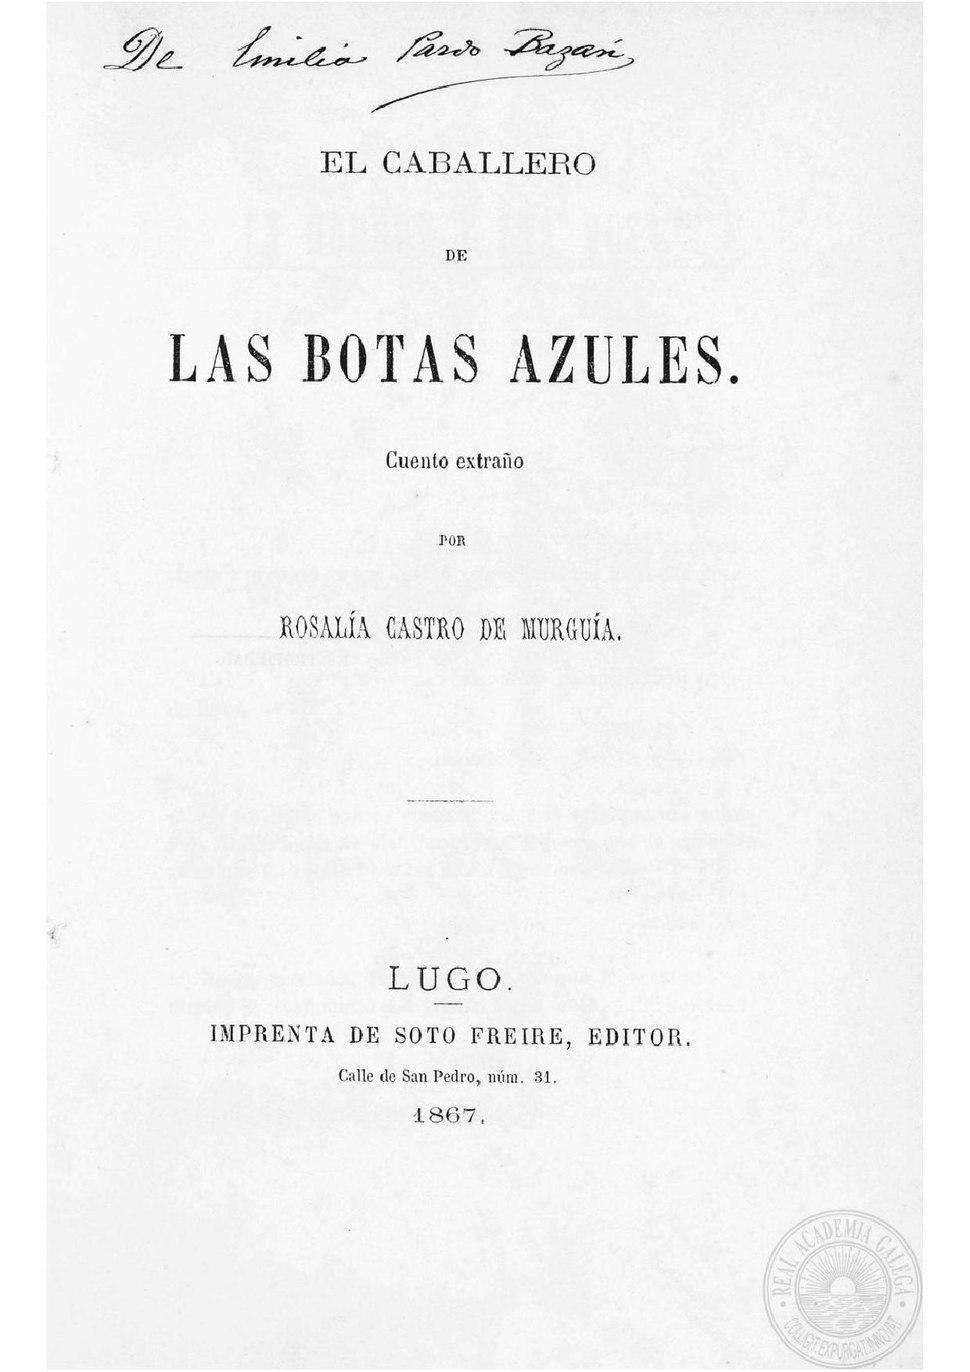 El caballero de las botas azules. Imprenta de Soto Freire. 1867.